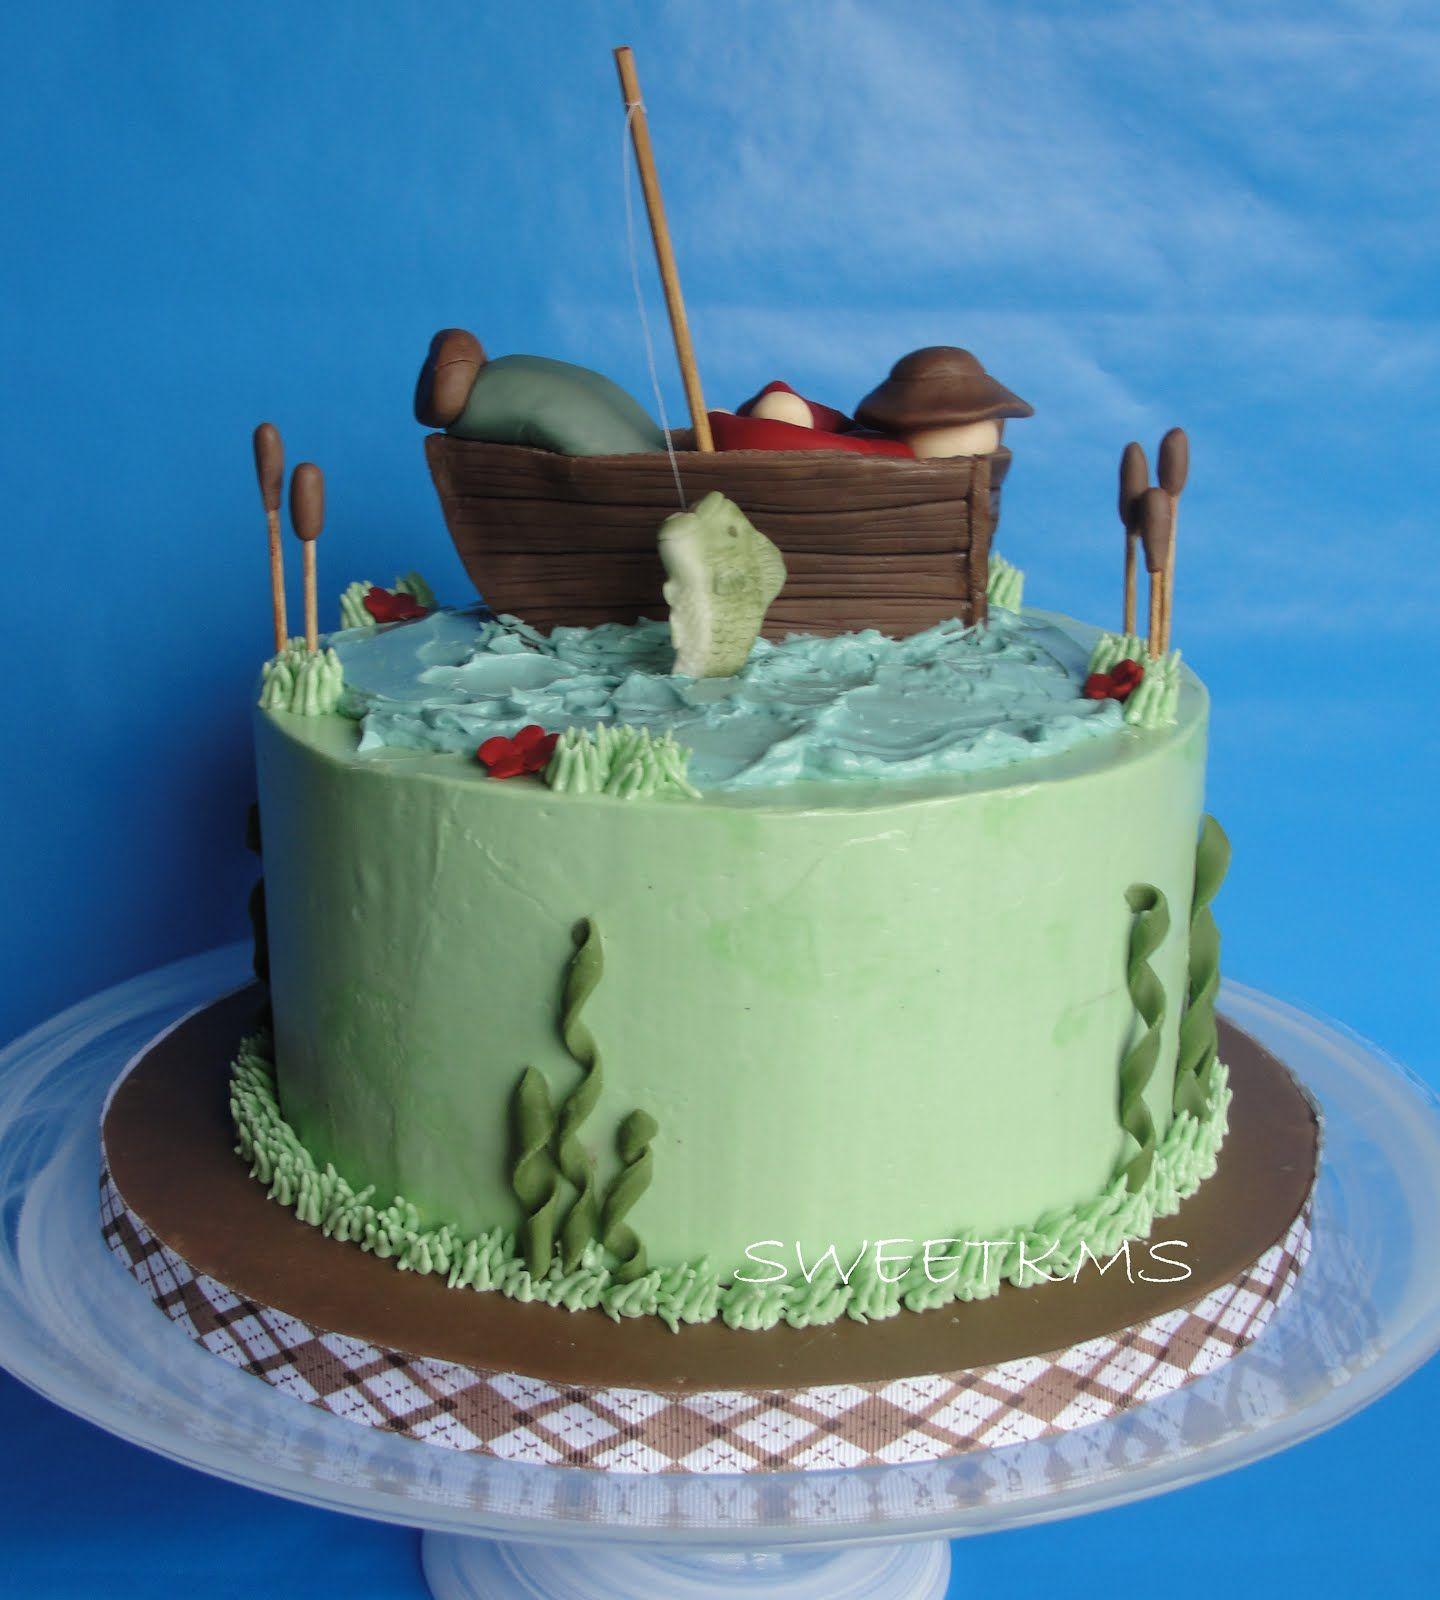 торт с рыбаком фото сегодняшний день популярность